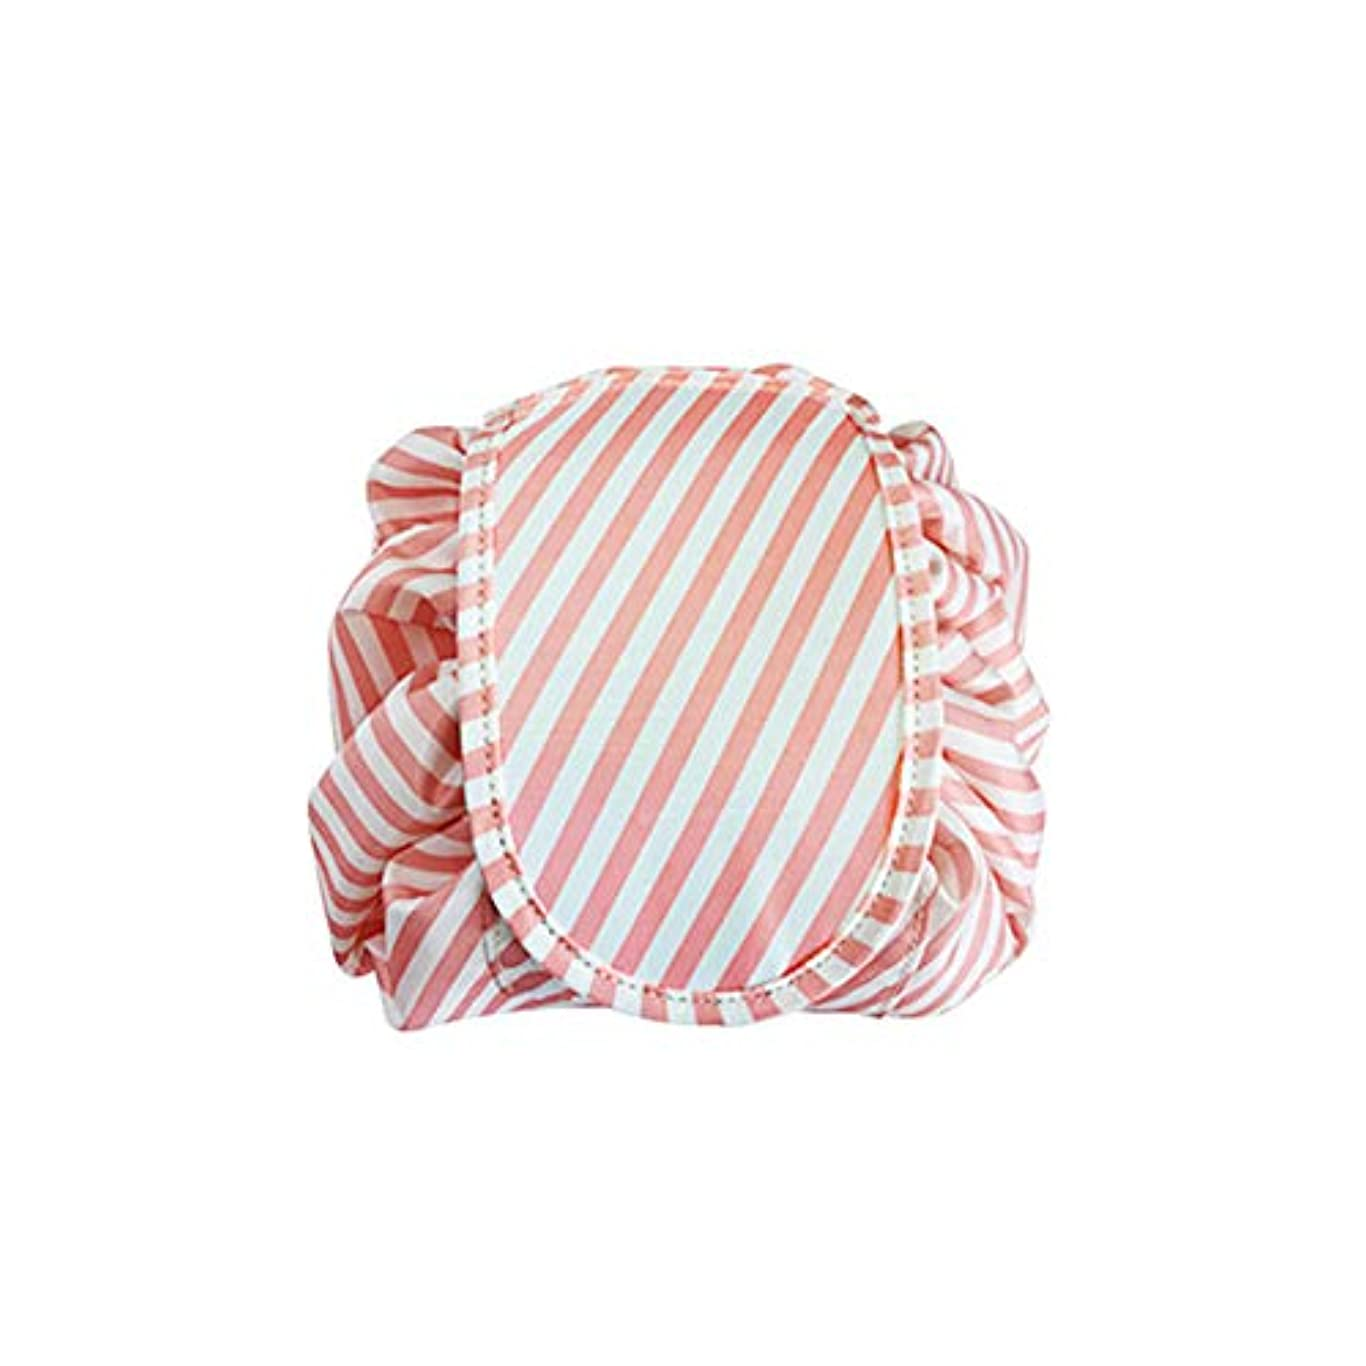 セレナ講師減衰Xiton ポータブル化粧巾着袋大容量防水旅行化粧品袋のパッキングストリップ完全にラウンド1(ピンク)保存され、迅速かつ簡単に旅行トイレタリーキット